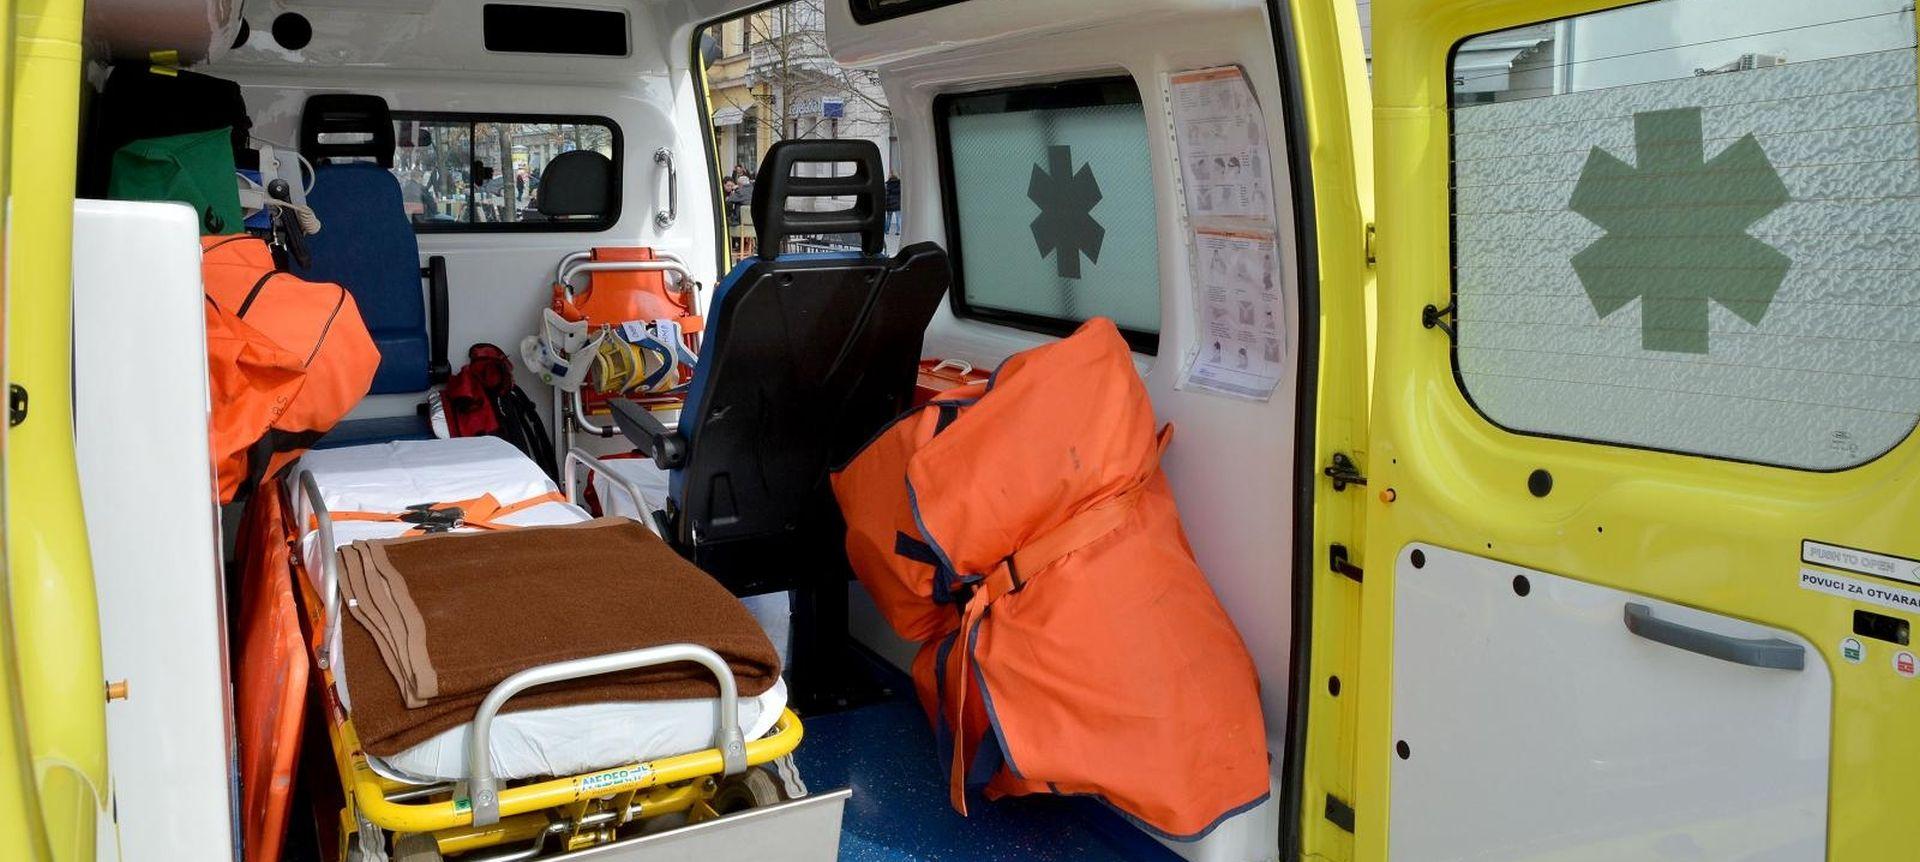 Vozila ZG sanitetskog prijevoza s vanjskim defibrilatorima